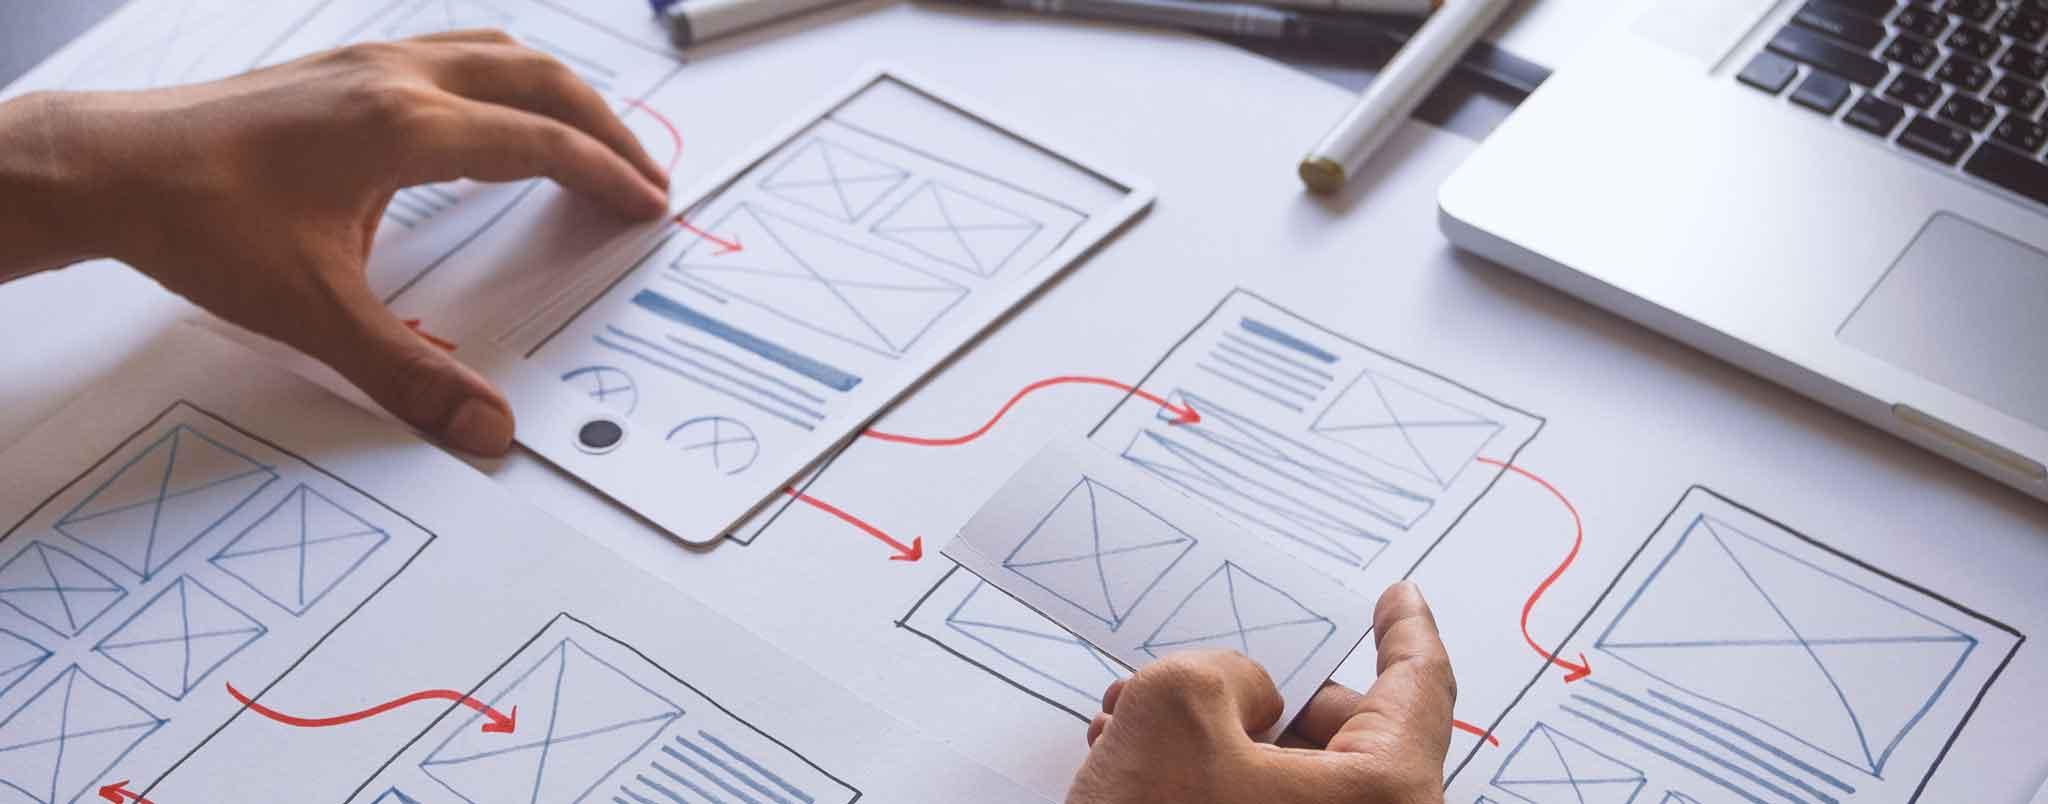 Professionelle Umsetzung & Designs